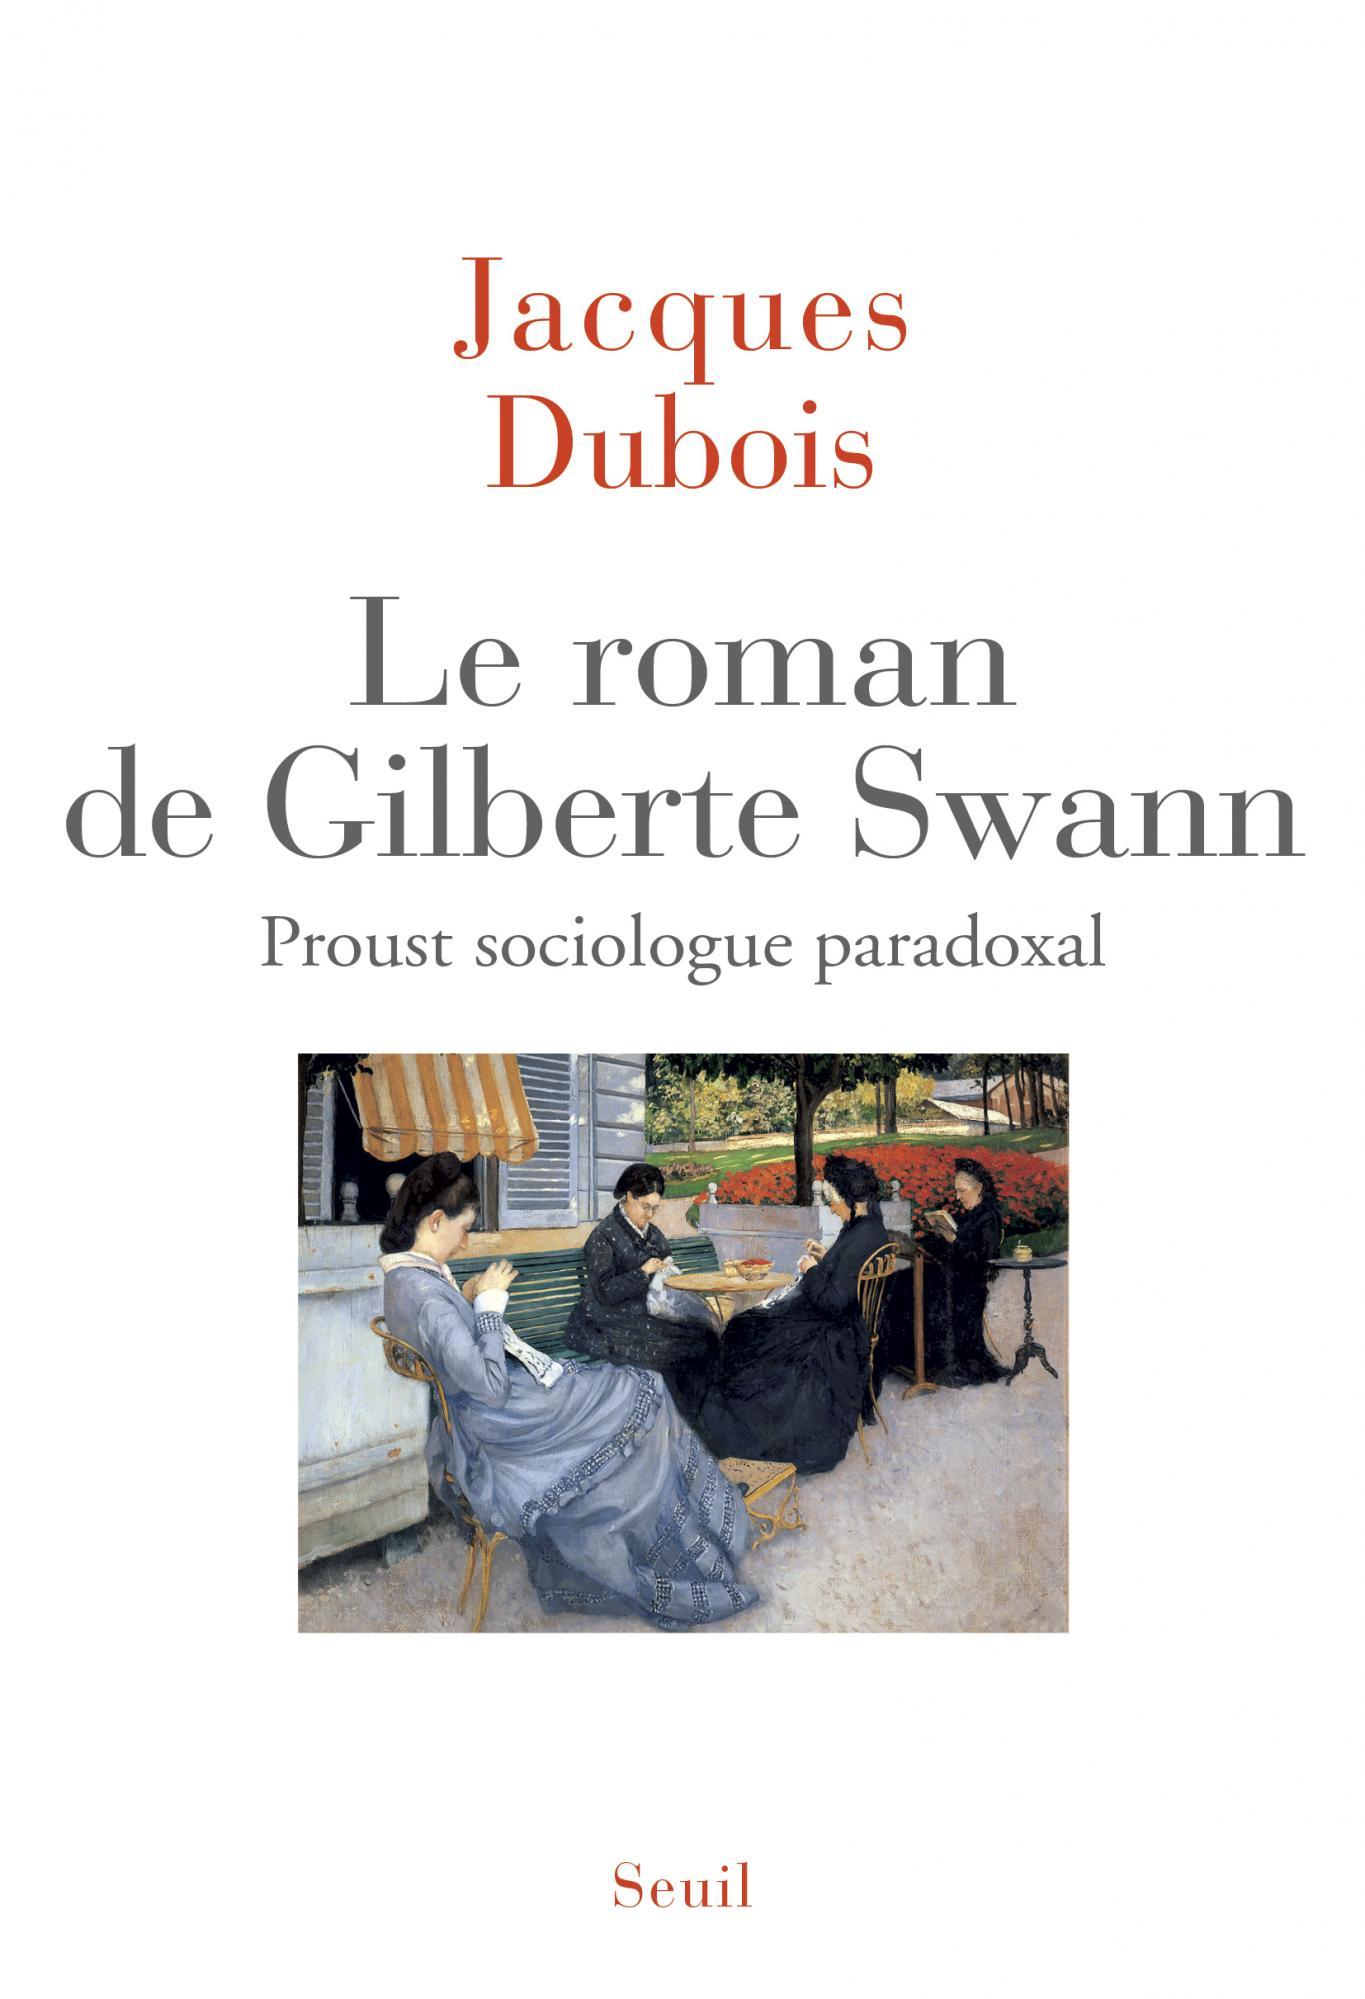 Le roman de Gilberte